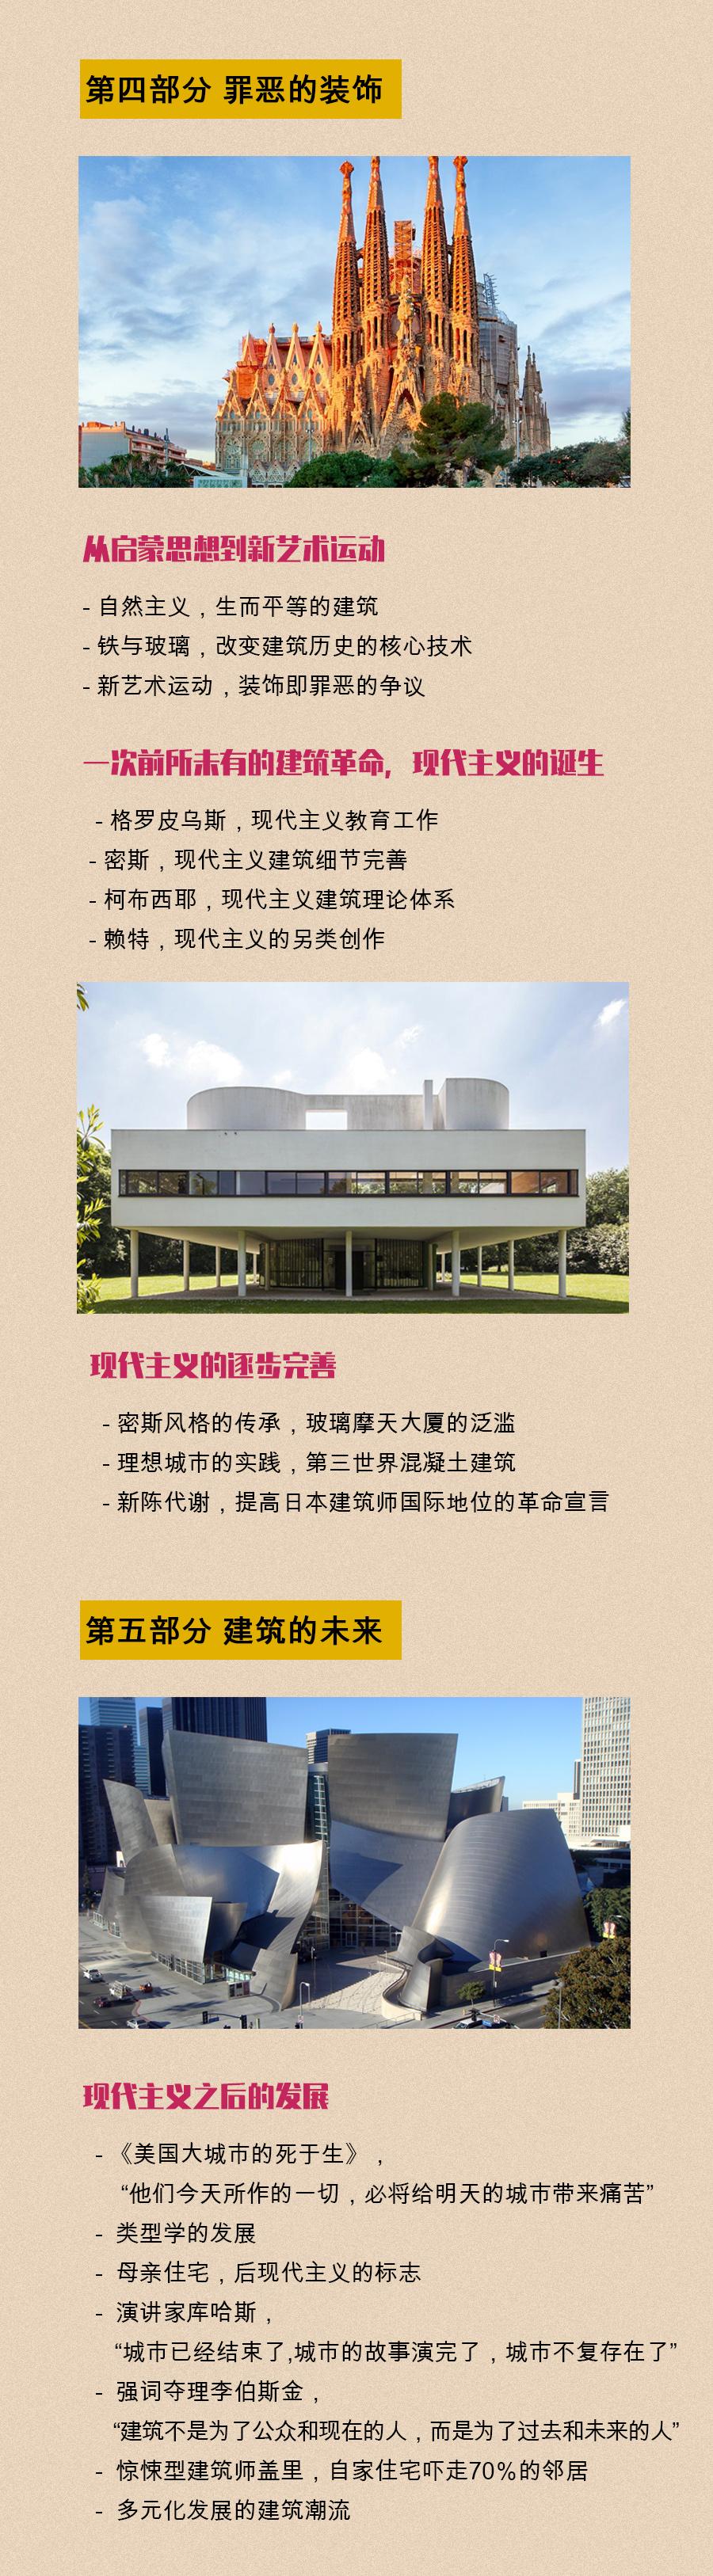 建筑史课程详情页课程大纲3.jpg